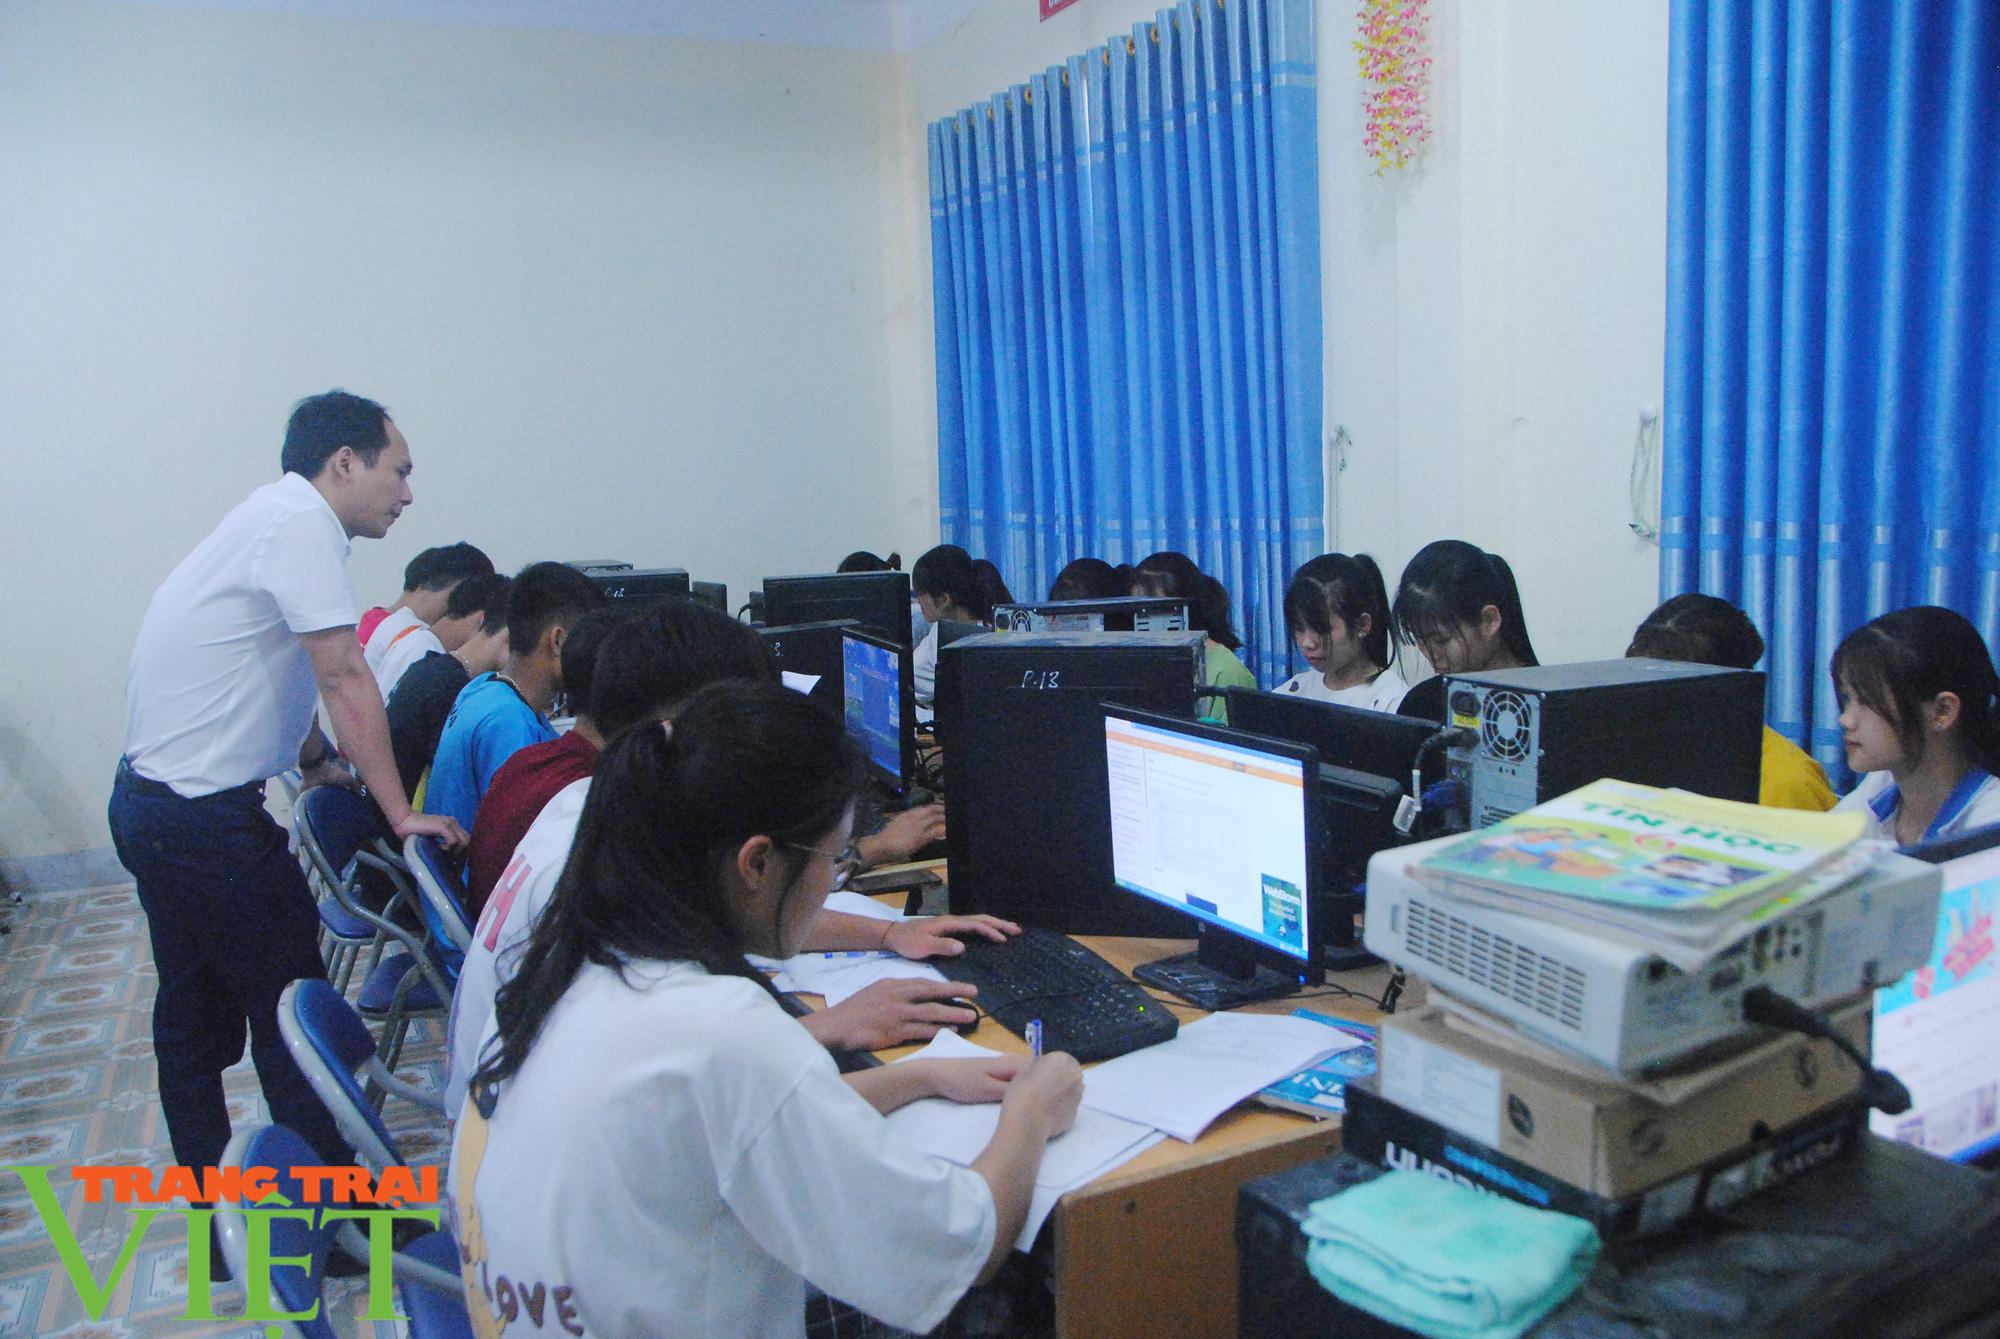 Trường PTDT Nội trú: Nơi chắp cánh ước mơ cho học sinh dân tộc - Ảnh 2.